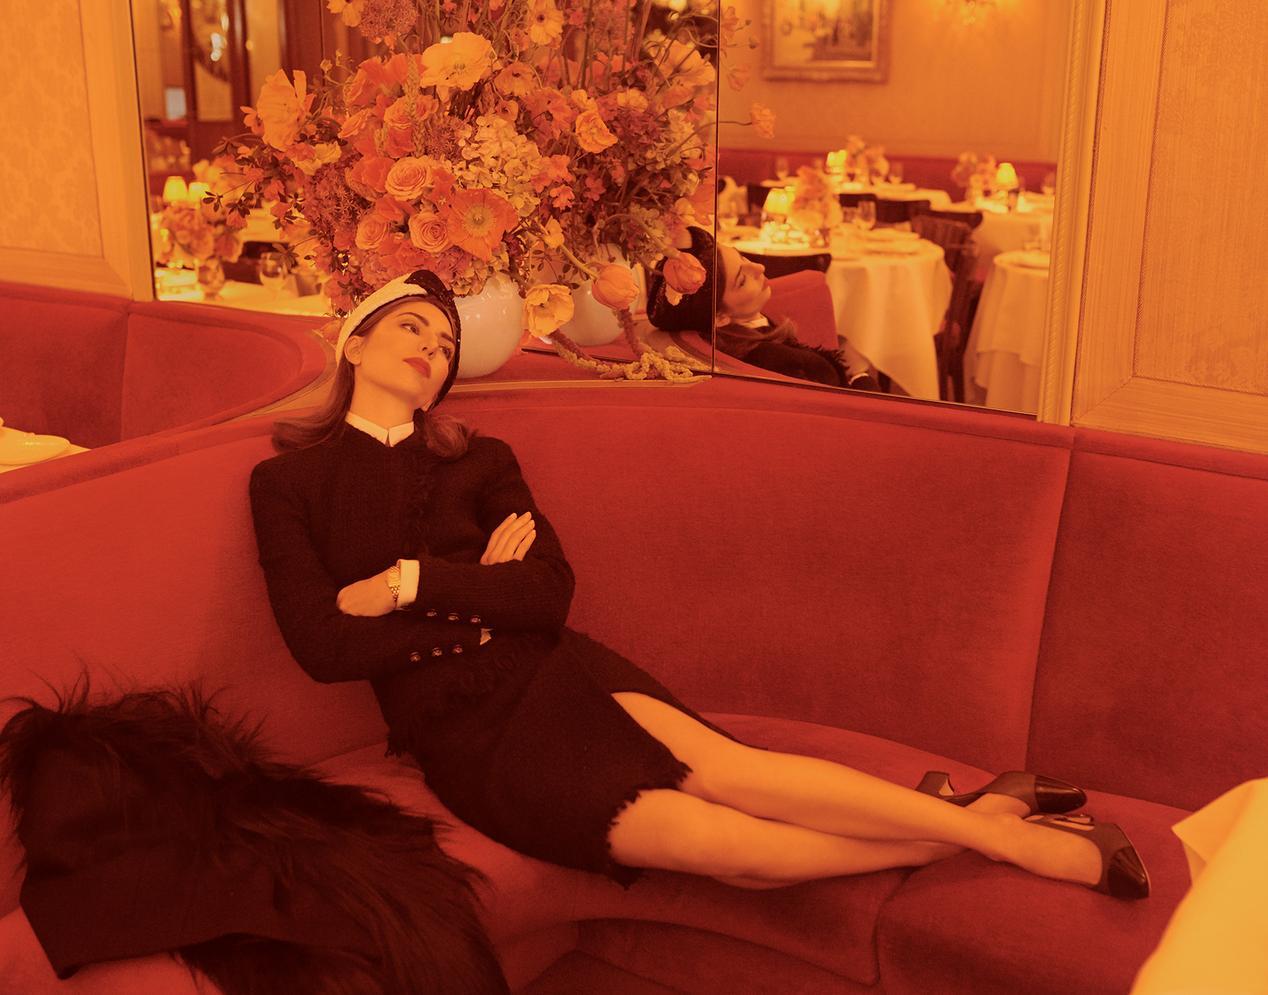 Sophia_Coppola